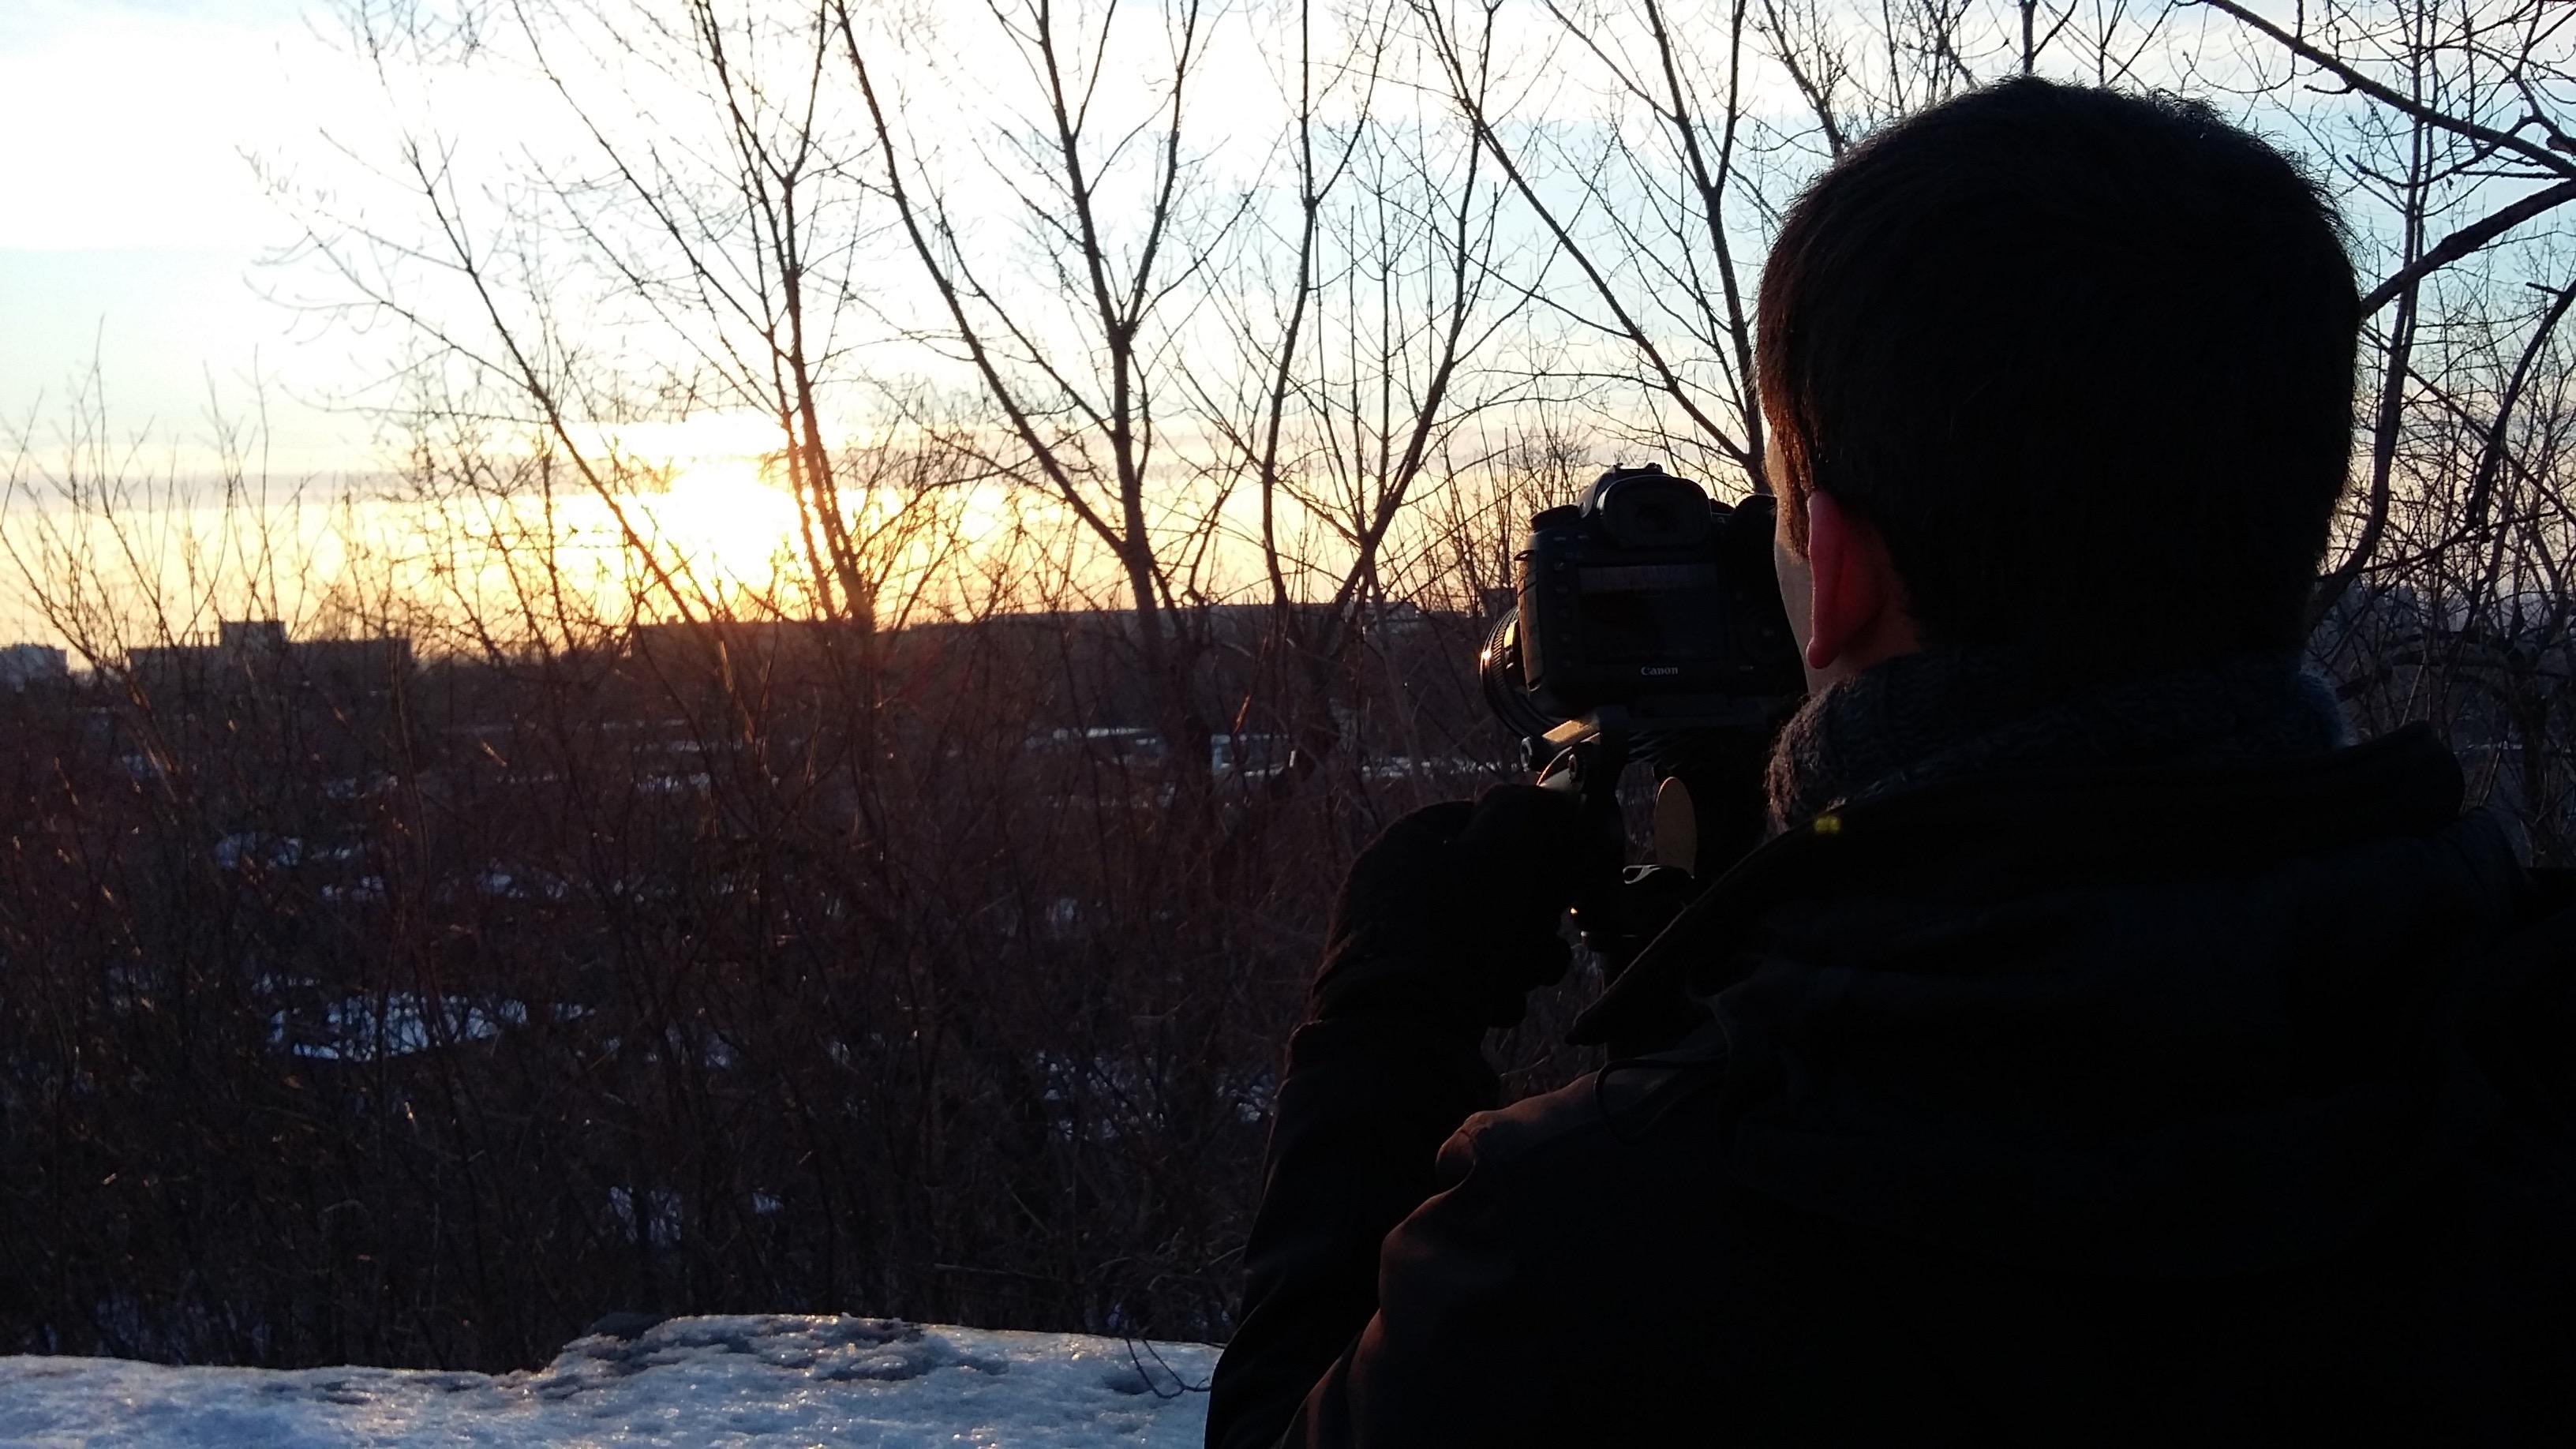 projet de video hyperlpase au canada